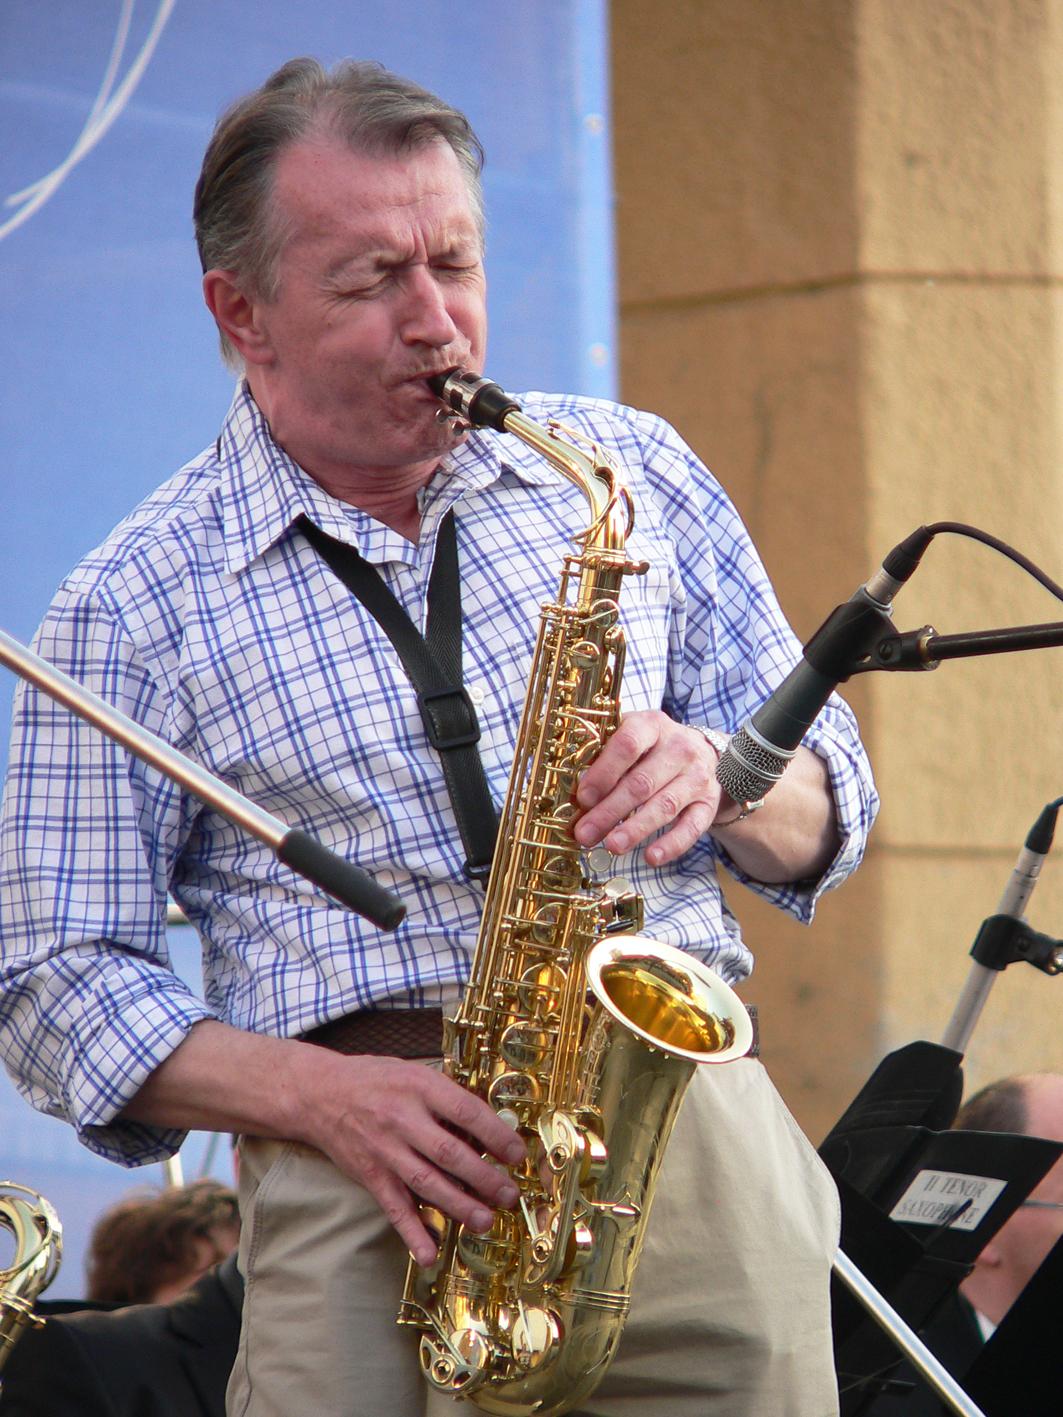 Фотография-фестиваль-Новосибирск-джазовый-музыкант-Толкачев